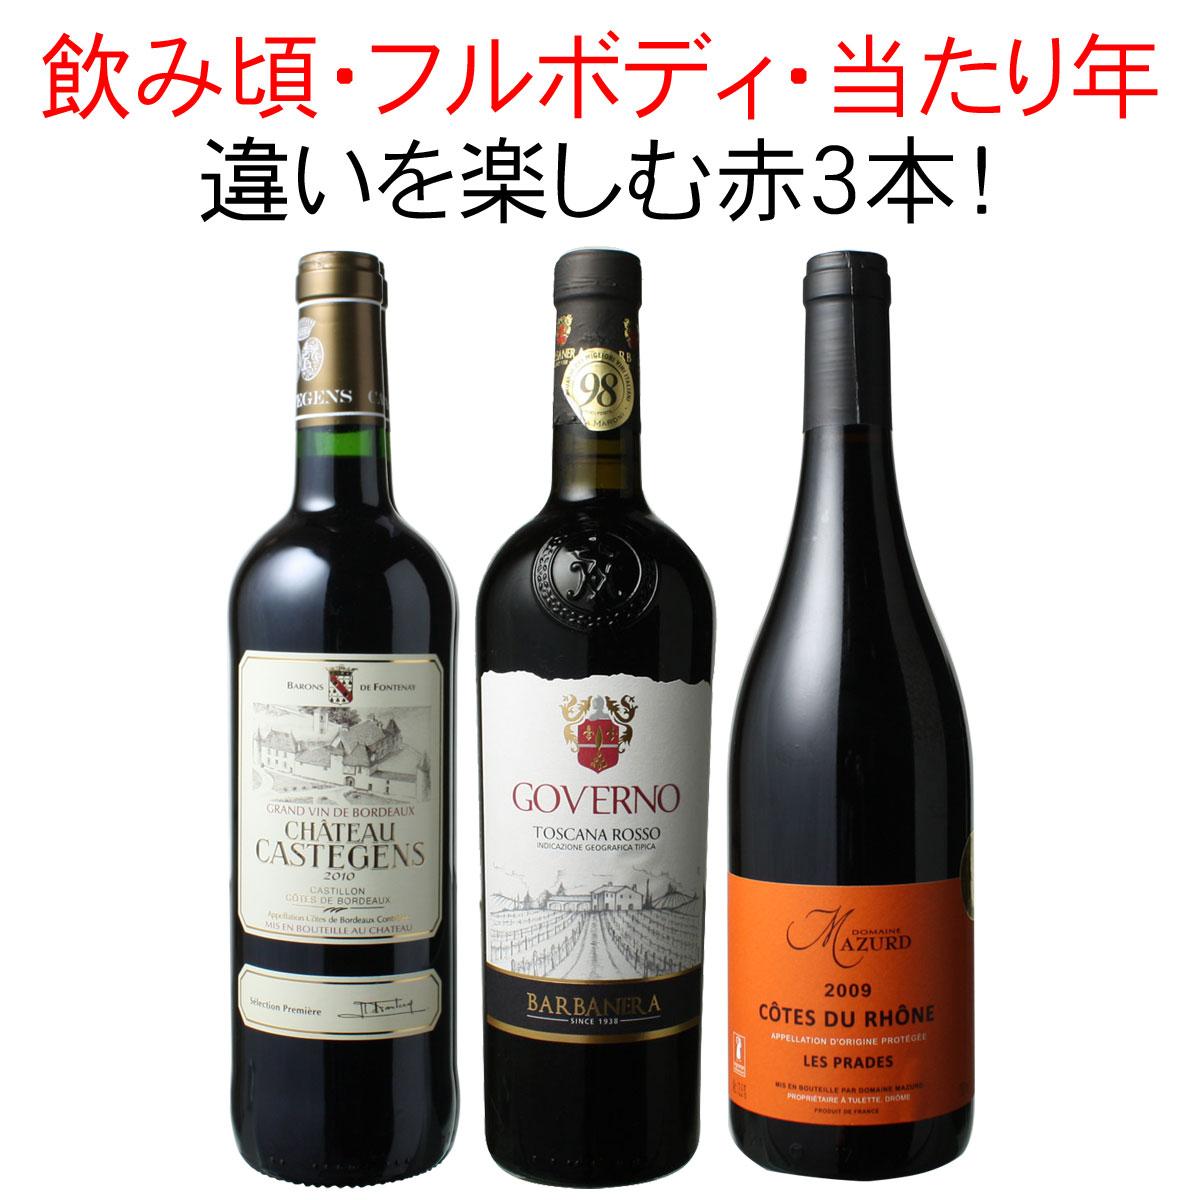 ワインセット 飲み頃 フルボディ 当り年 赤ワイン 3本 セット ビッグ・ヴィンテージ チリ ローヌ ボルドー 家飲み 御祝 誕生日 ハロウィン ギフト プレゼント